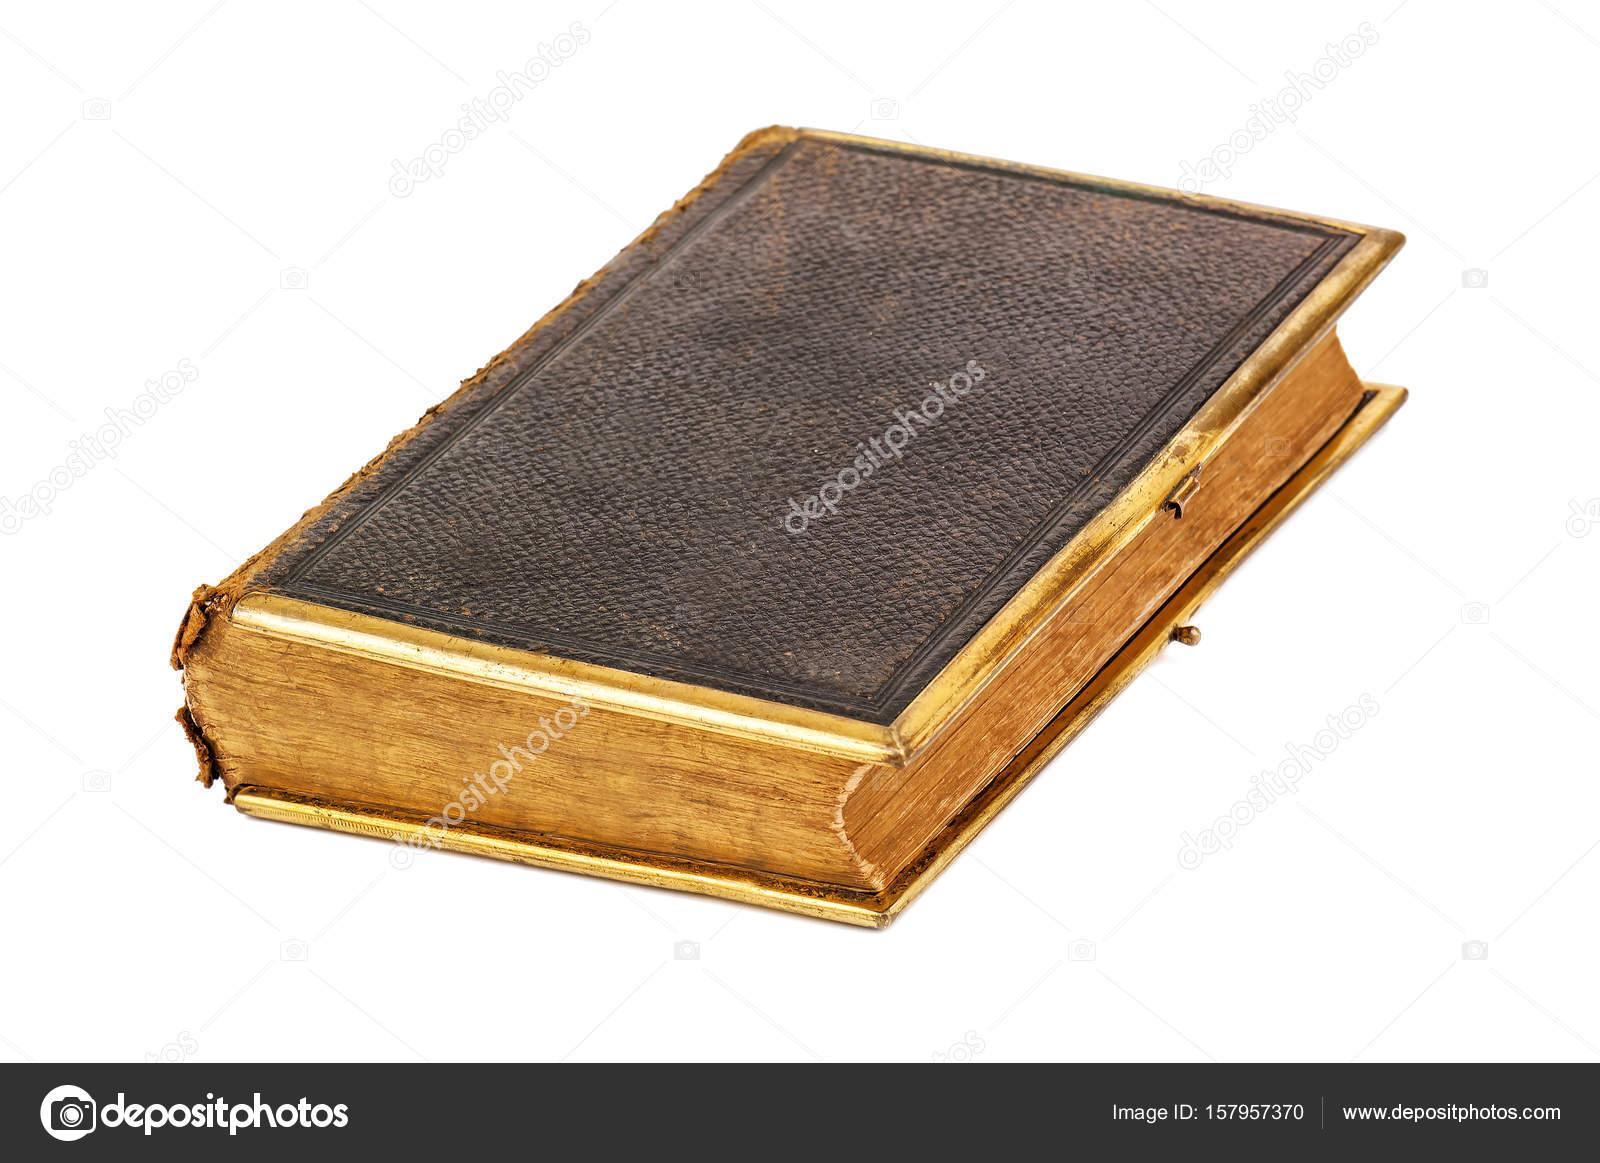 Brune Vieux Livre Ferme Photographie Vovashevchuk C 157957370